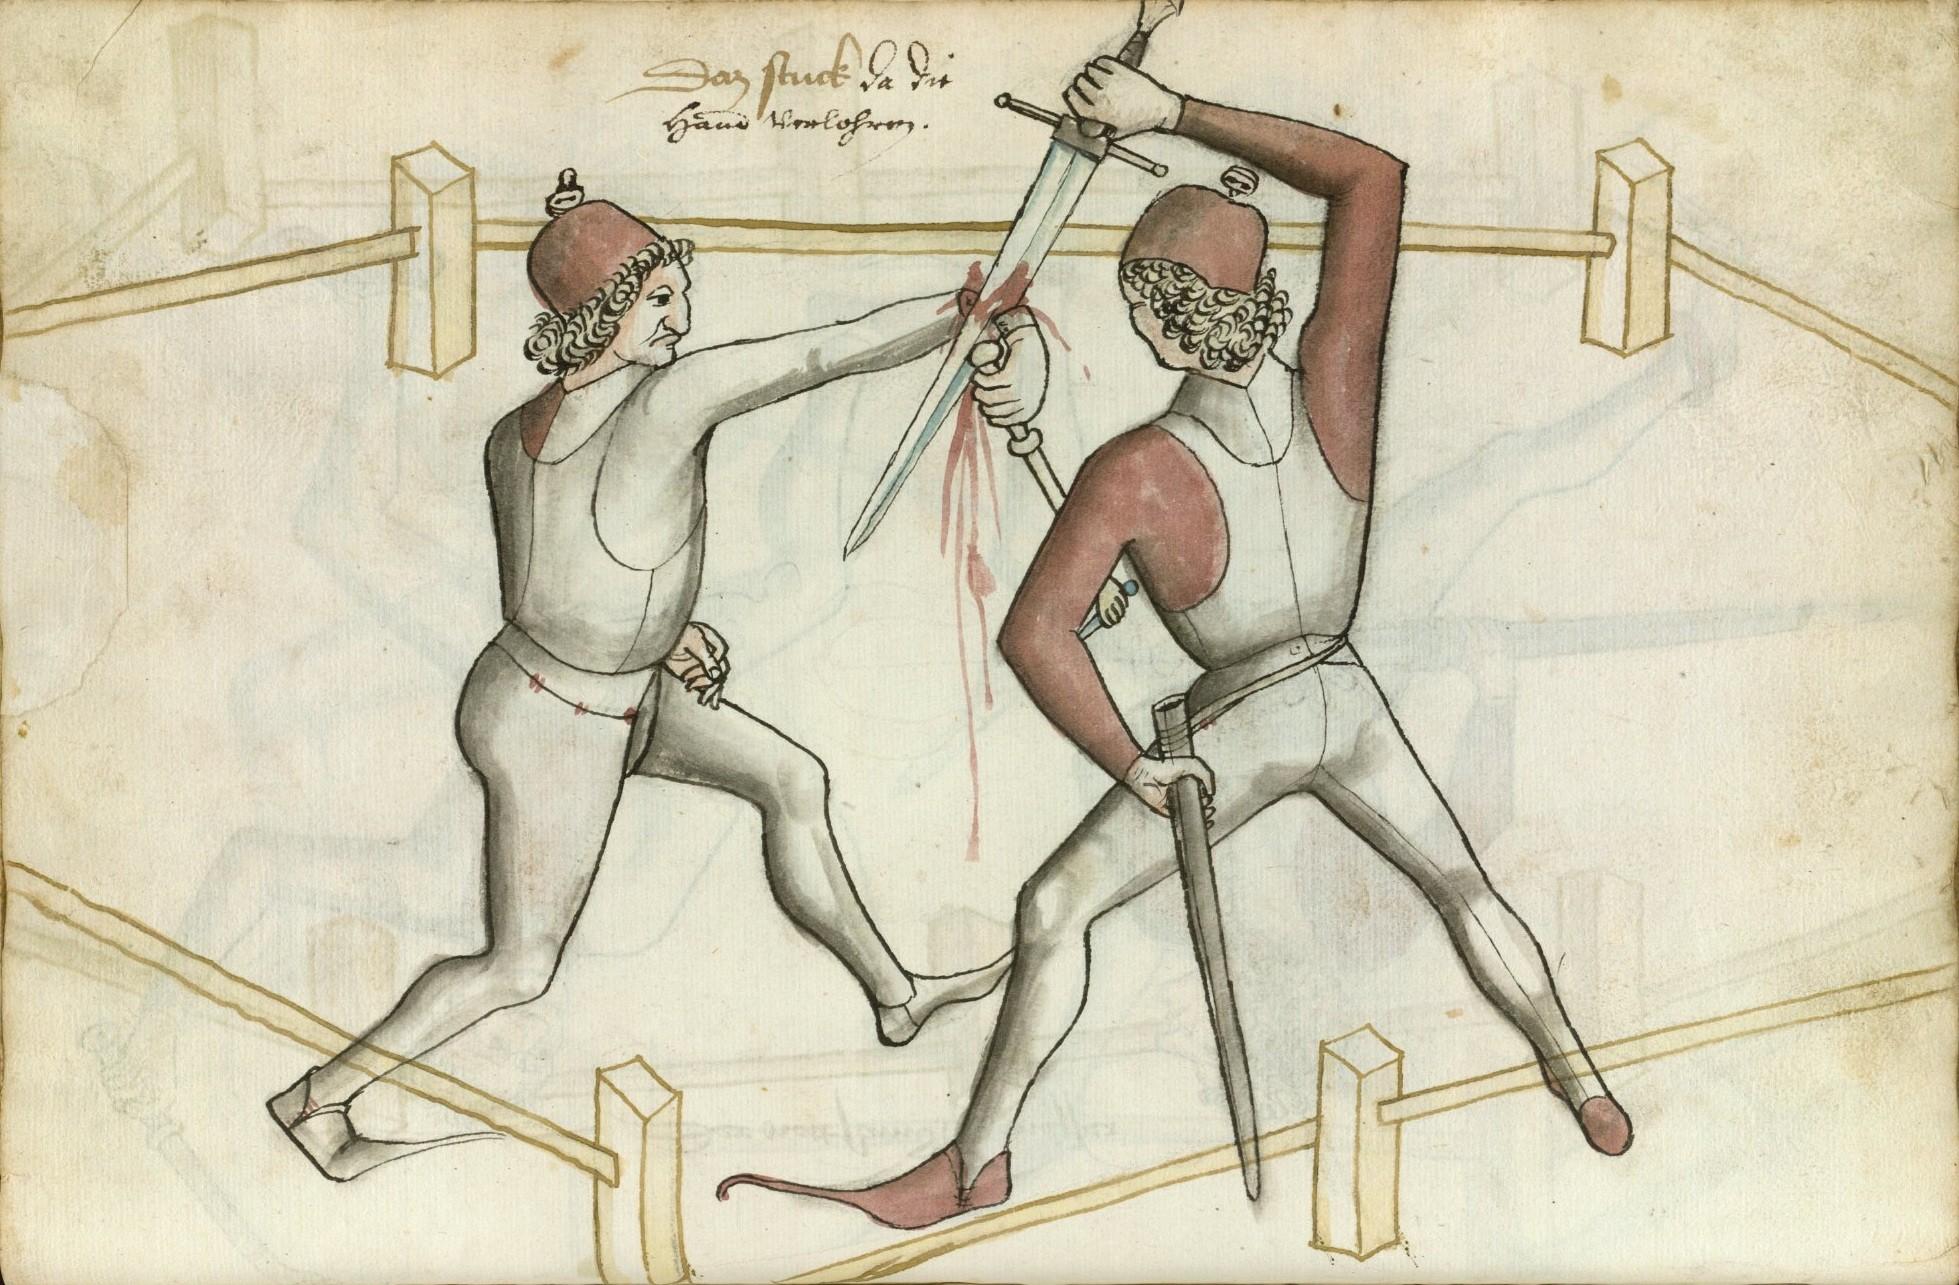 大相逕庭的技擊重點─與新西蘭的HEMA 朋友練習[Lancelot Chan] - Lancelot Chan - RSW(擬真兵器)研究室